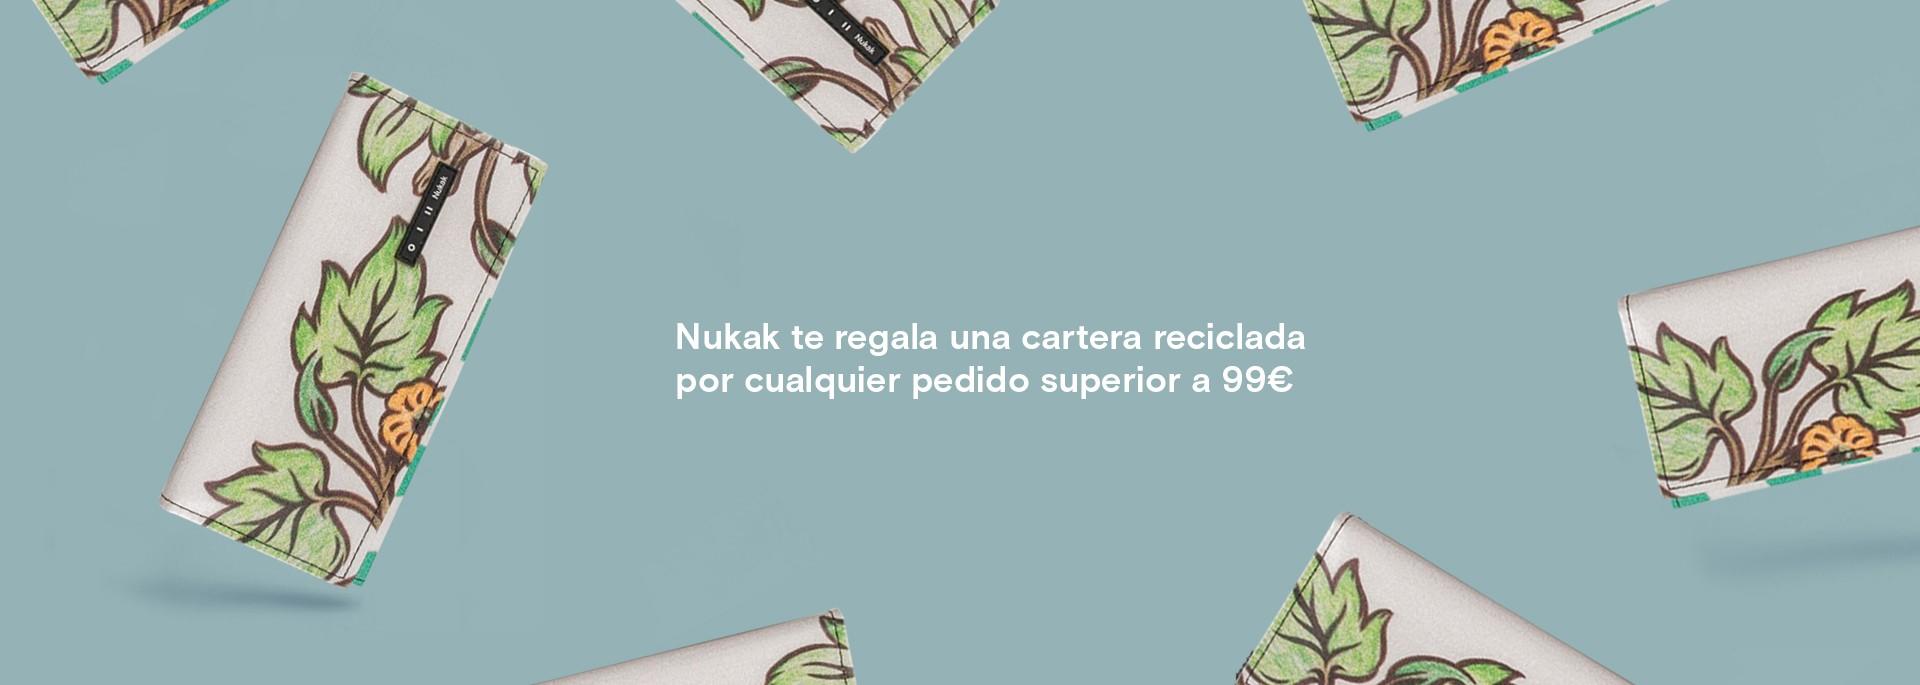 Un regalo de Nukak de cartera reciclada para ti por cualquier pedido superior a 99€